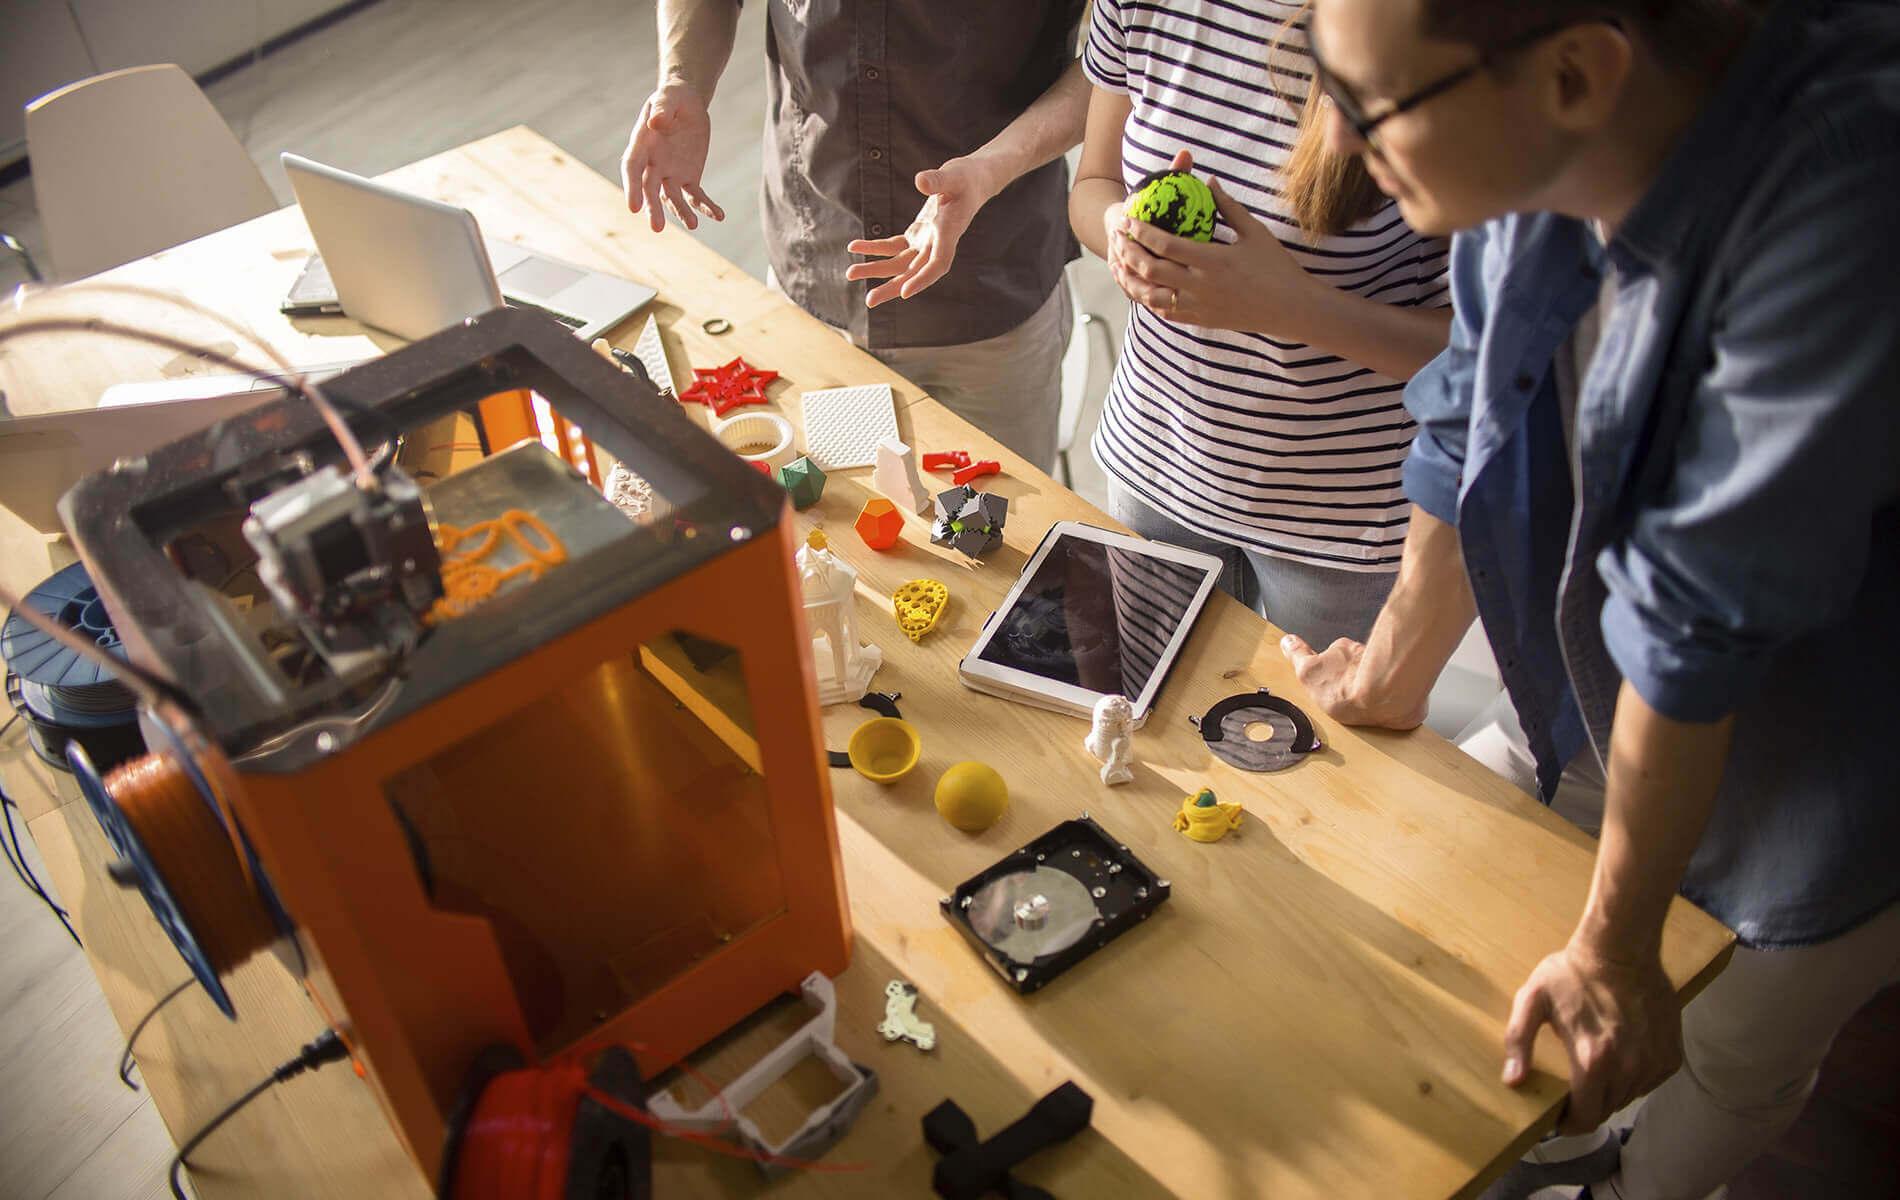 üç boyutlu yazıcı fiyatları, laboratuvar ortamında 3d yazıcı tasarlayan insanlar